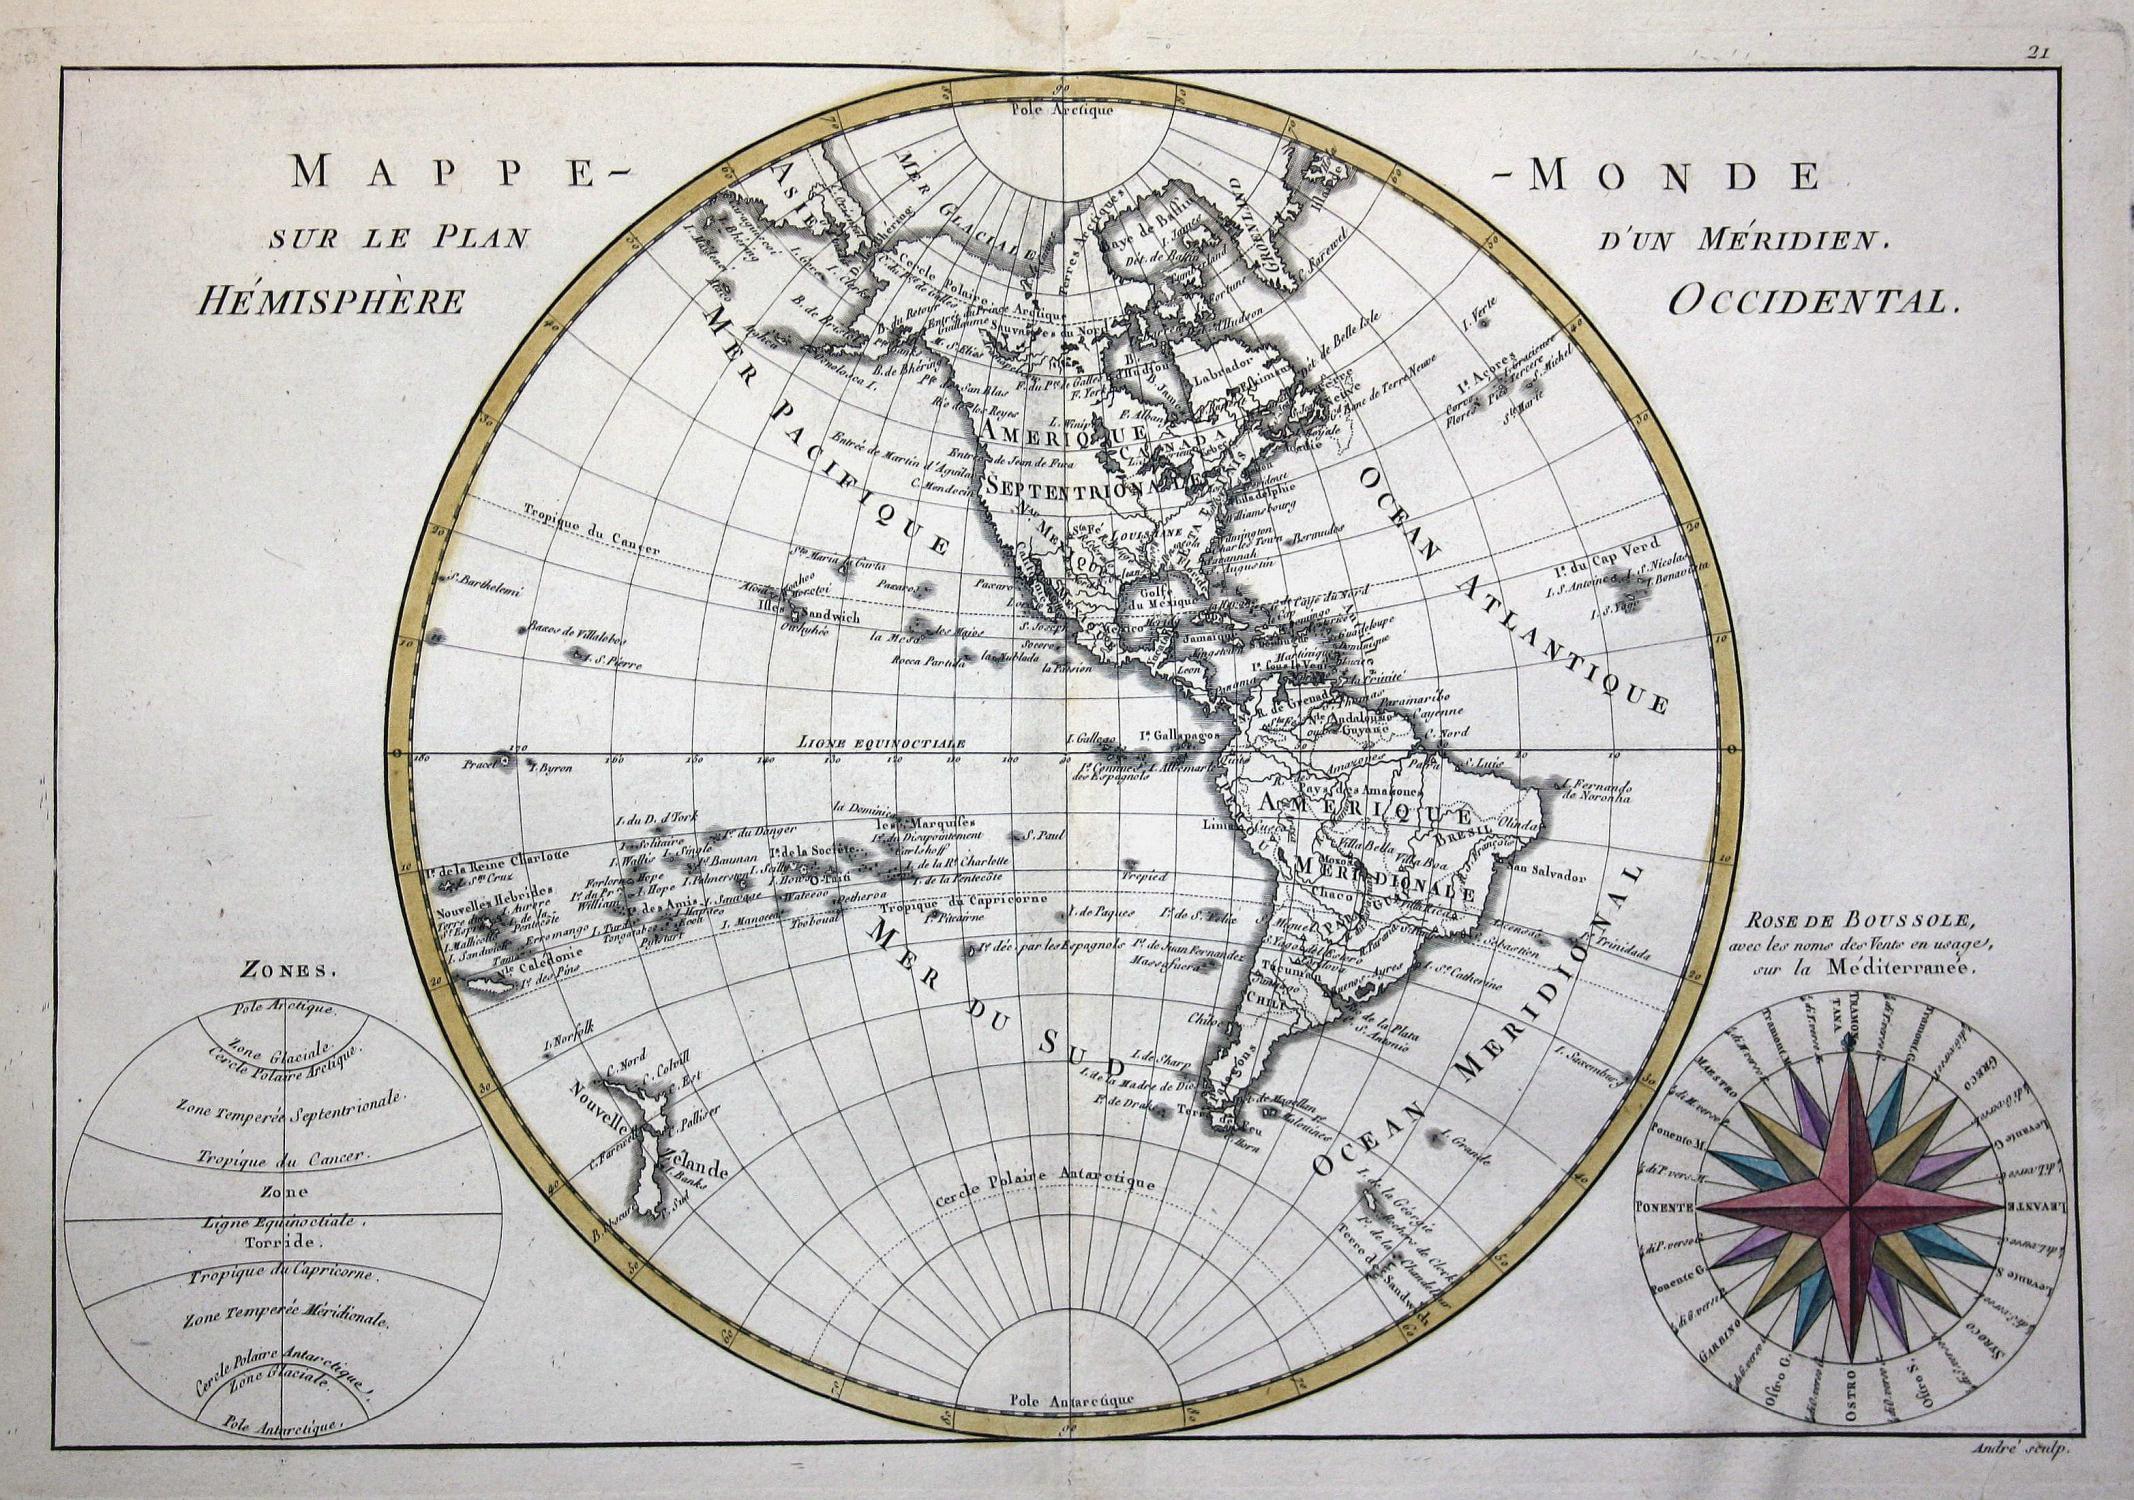 Mappe Monde Sur Le Plan D Un Meridien Hemisphere Occidental